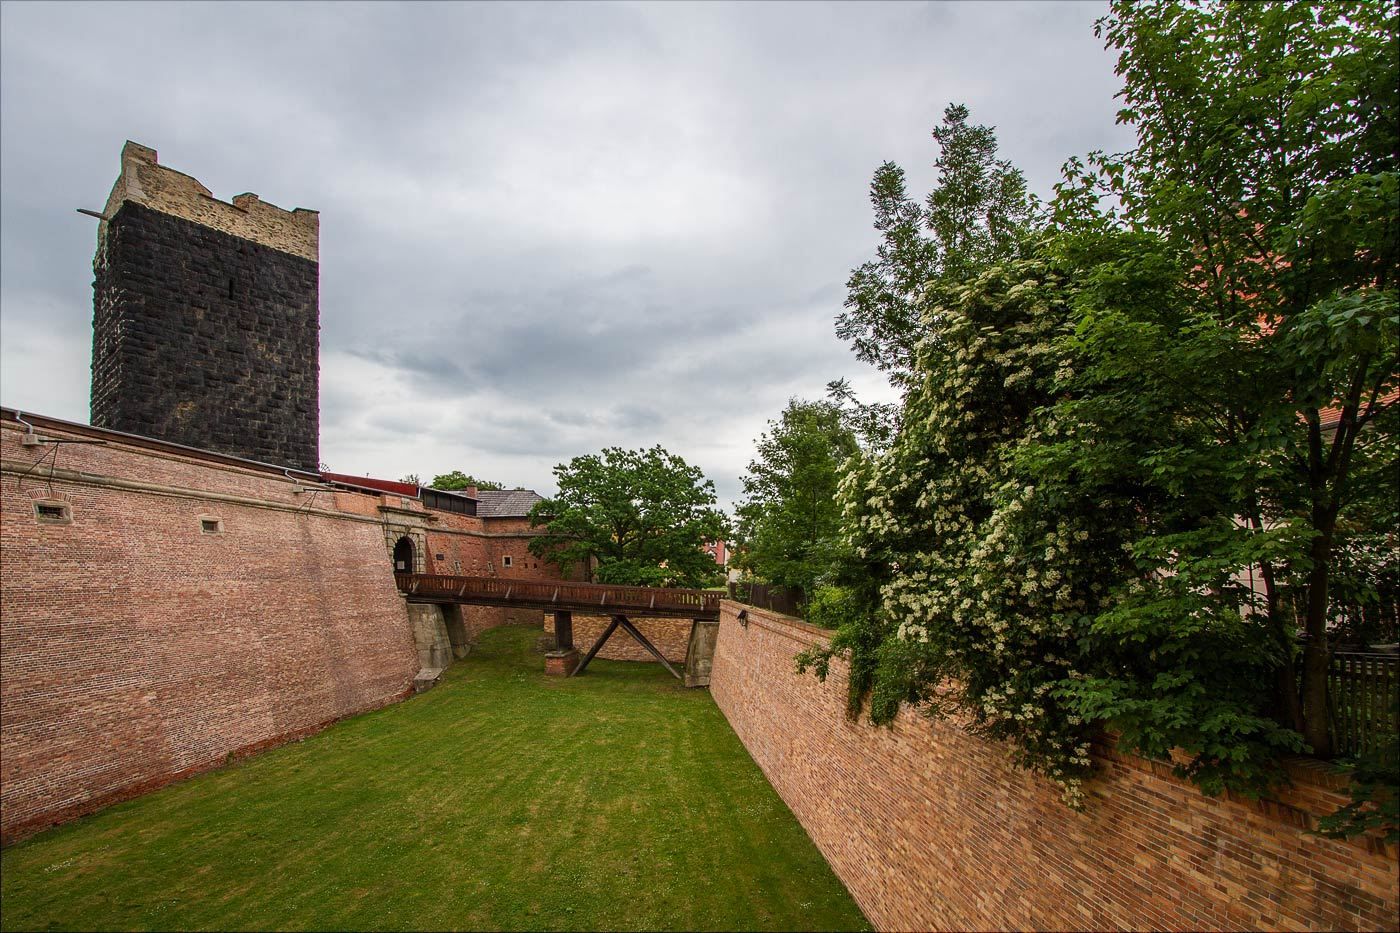 Хеб, средневековый замок, Черная Башня, Чехия